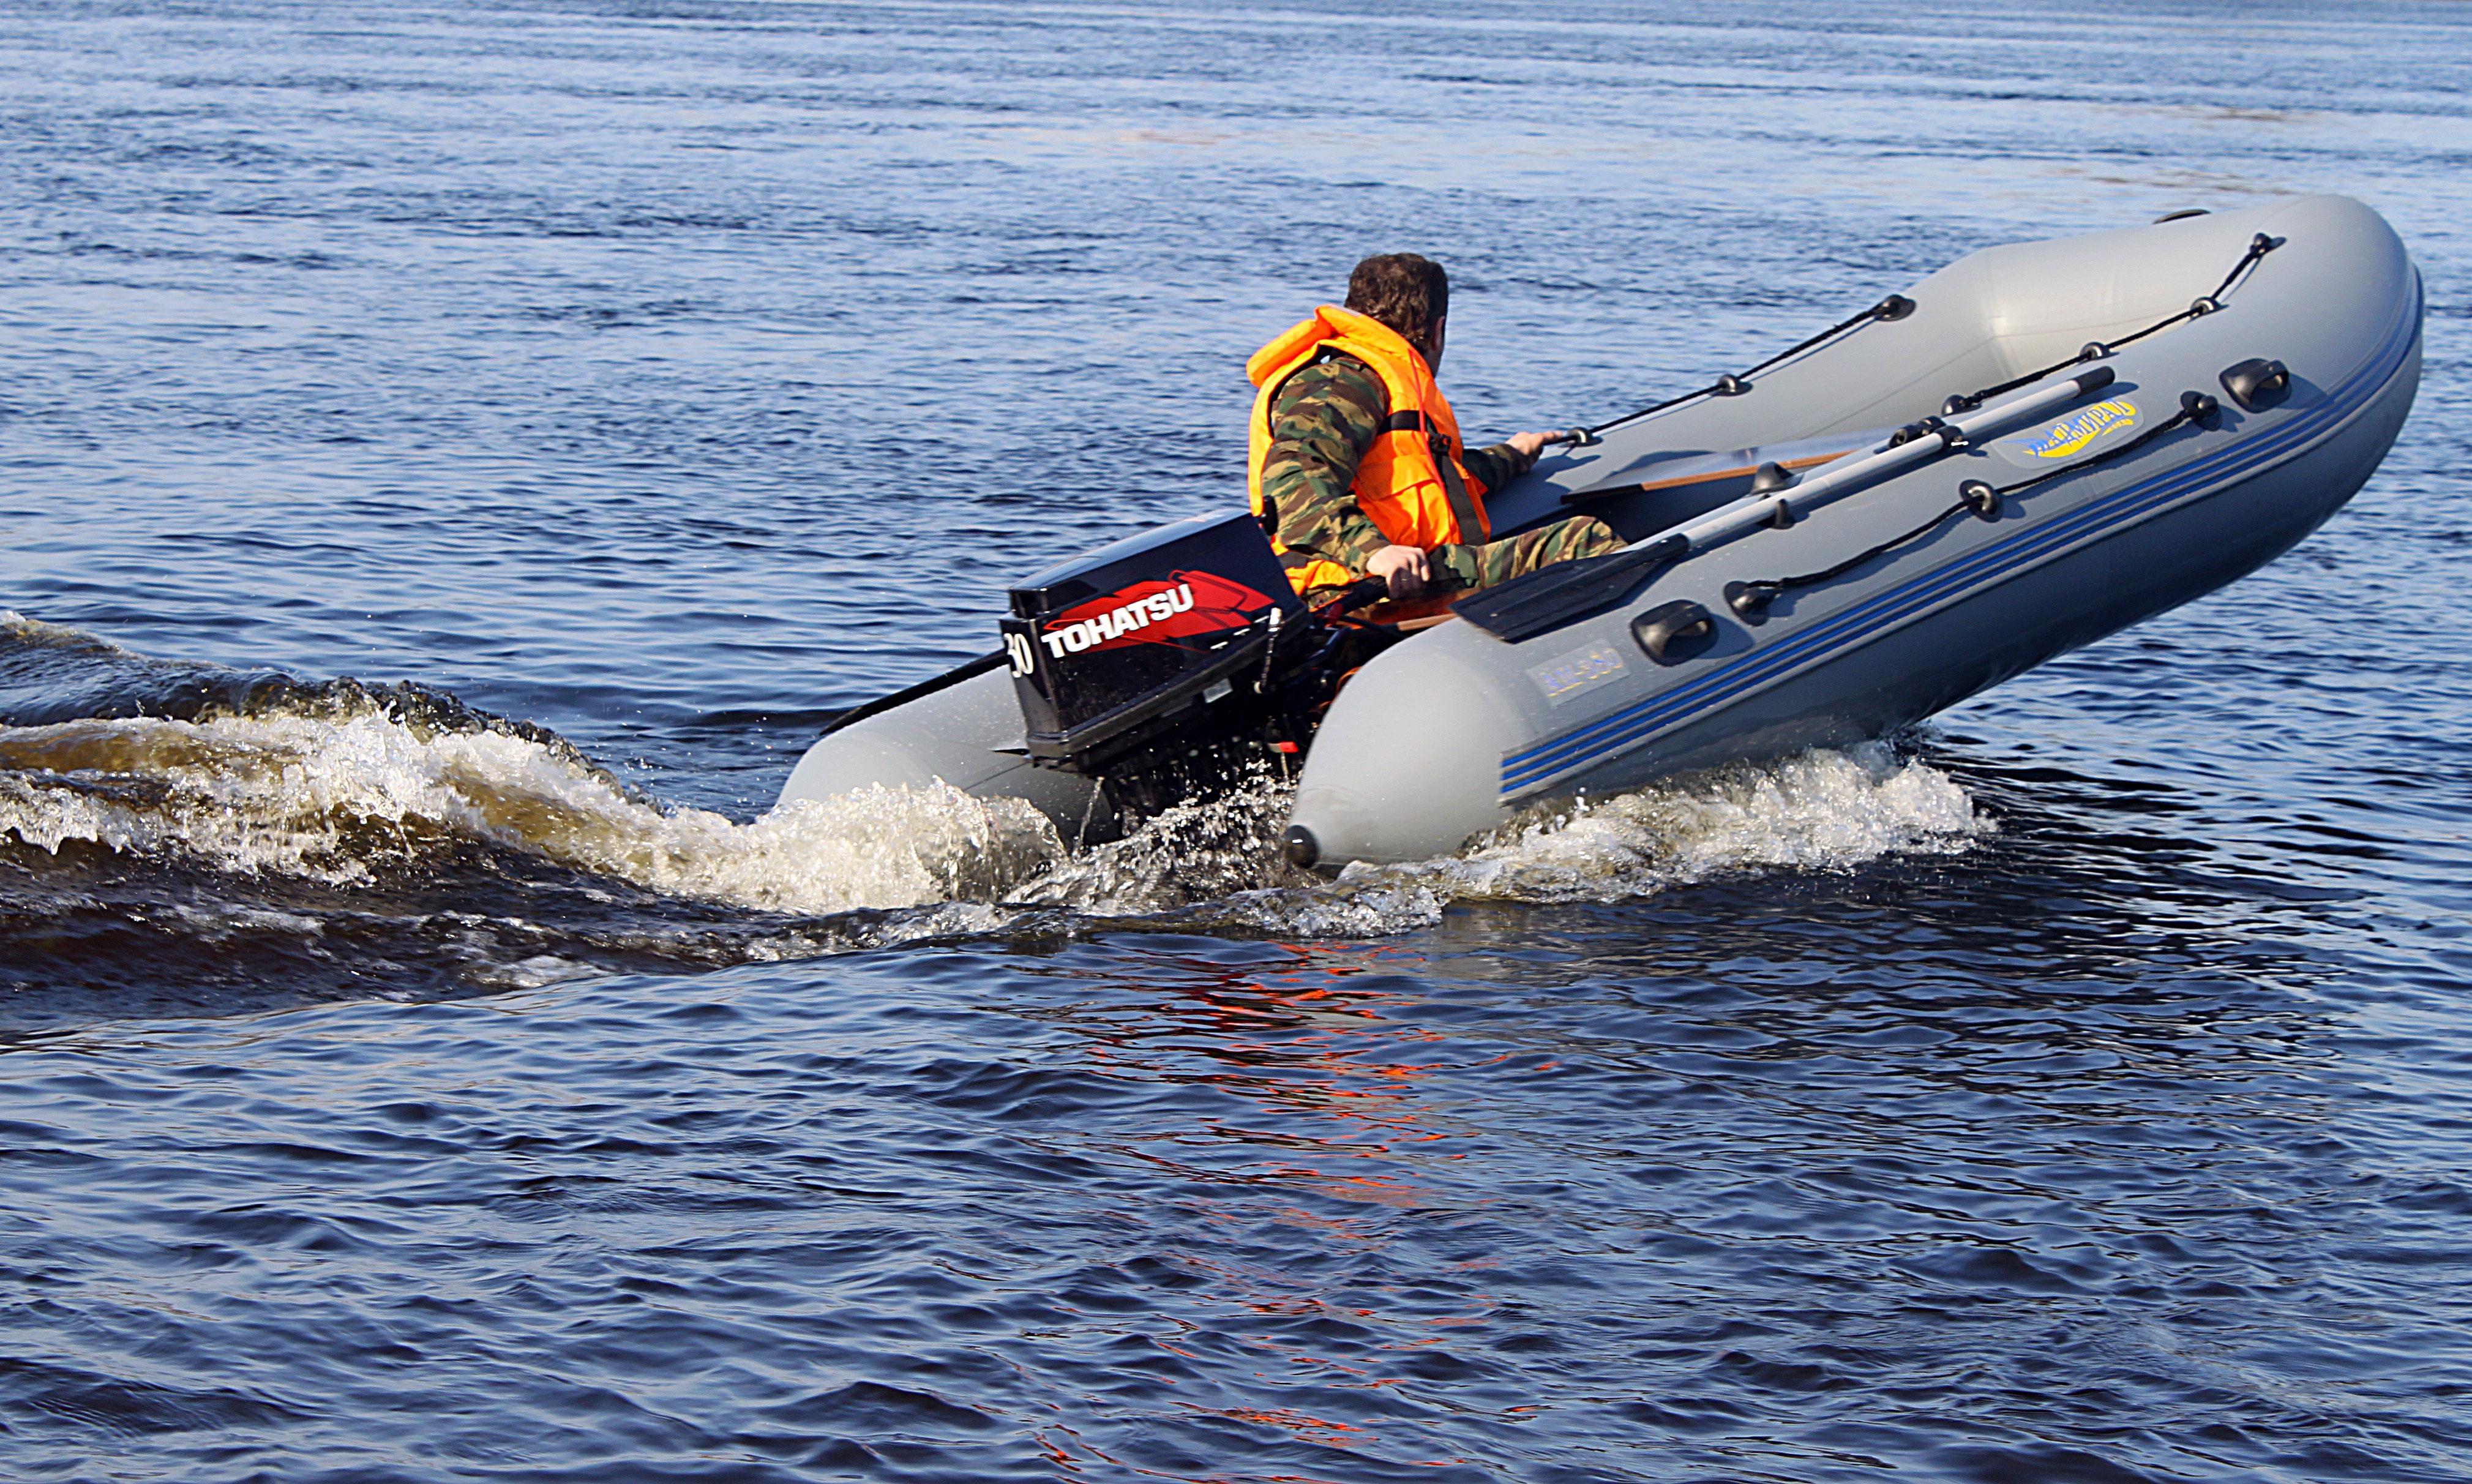 сорта, картинки лодка пвх с мотором длительный срок защищает